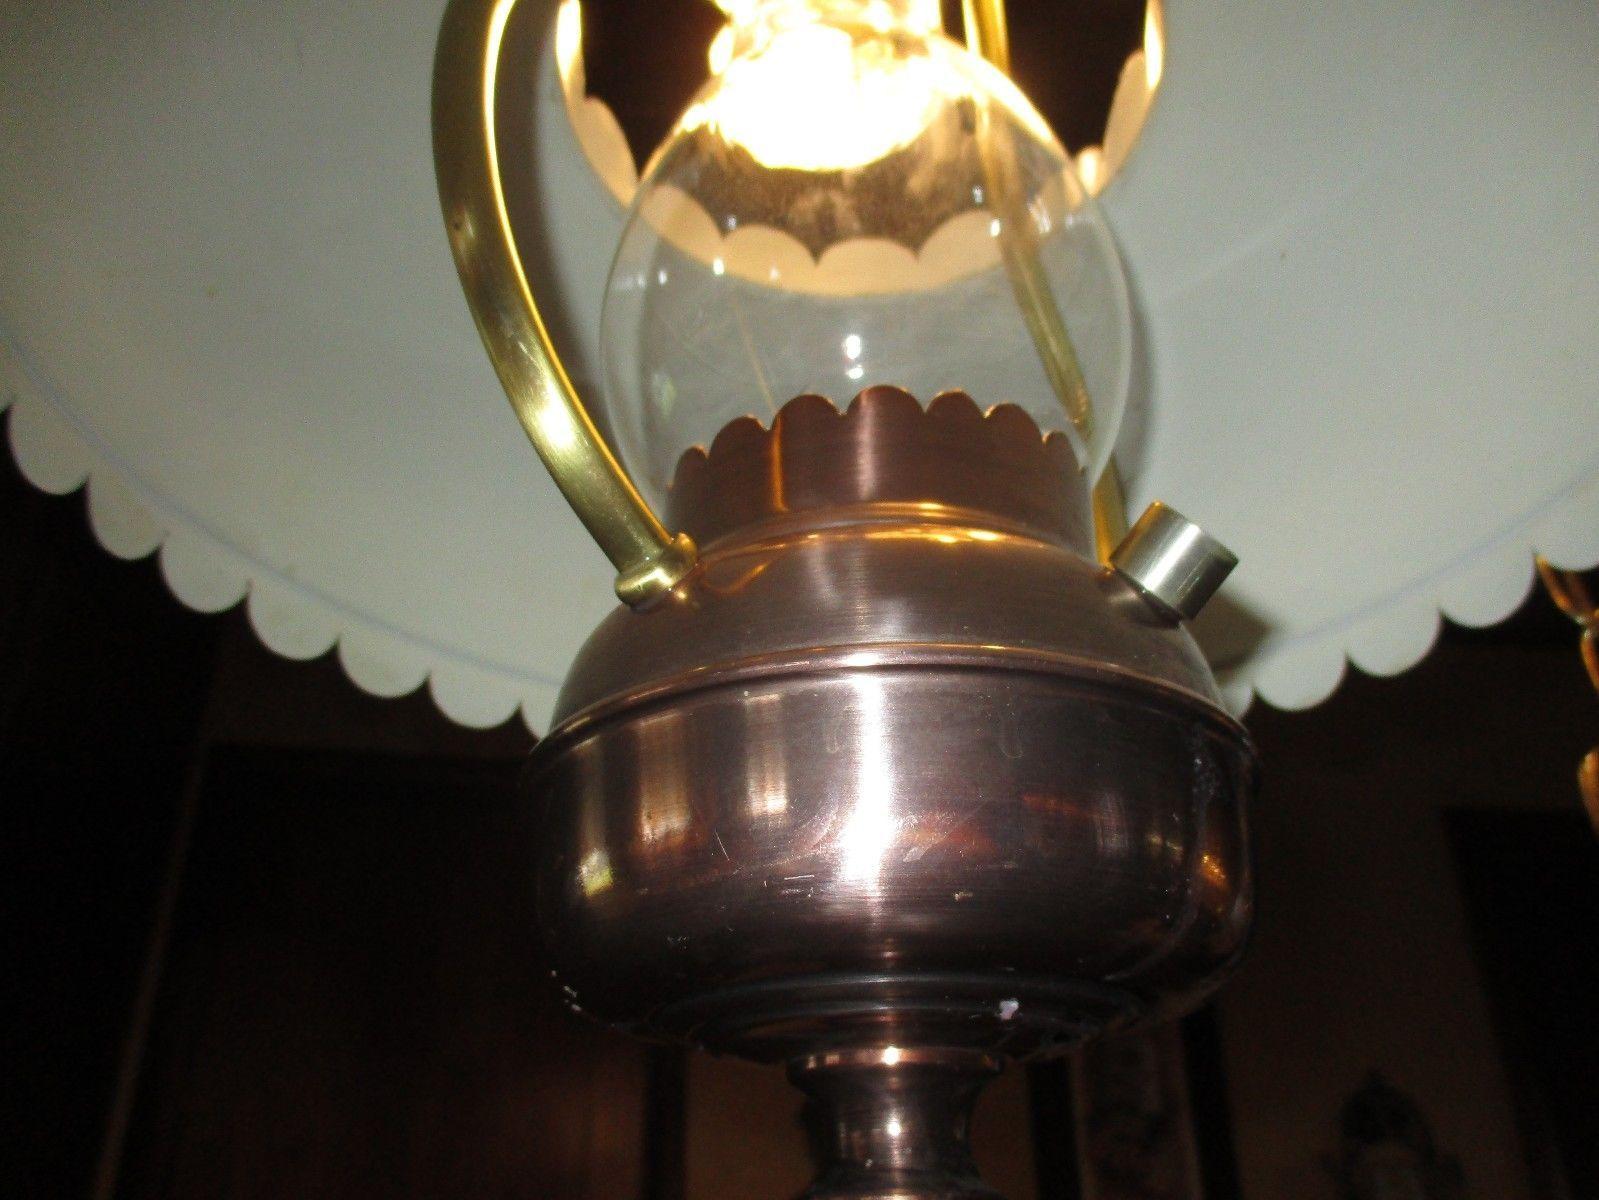 Vintage cheers era copper tone light fixture with cozy focal point vintage cheers era copper tone light fixture with cozy focal point light effect arubaitofo Images